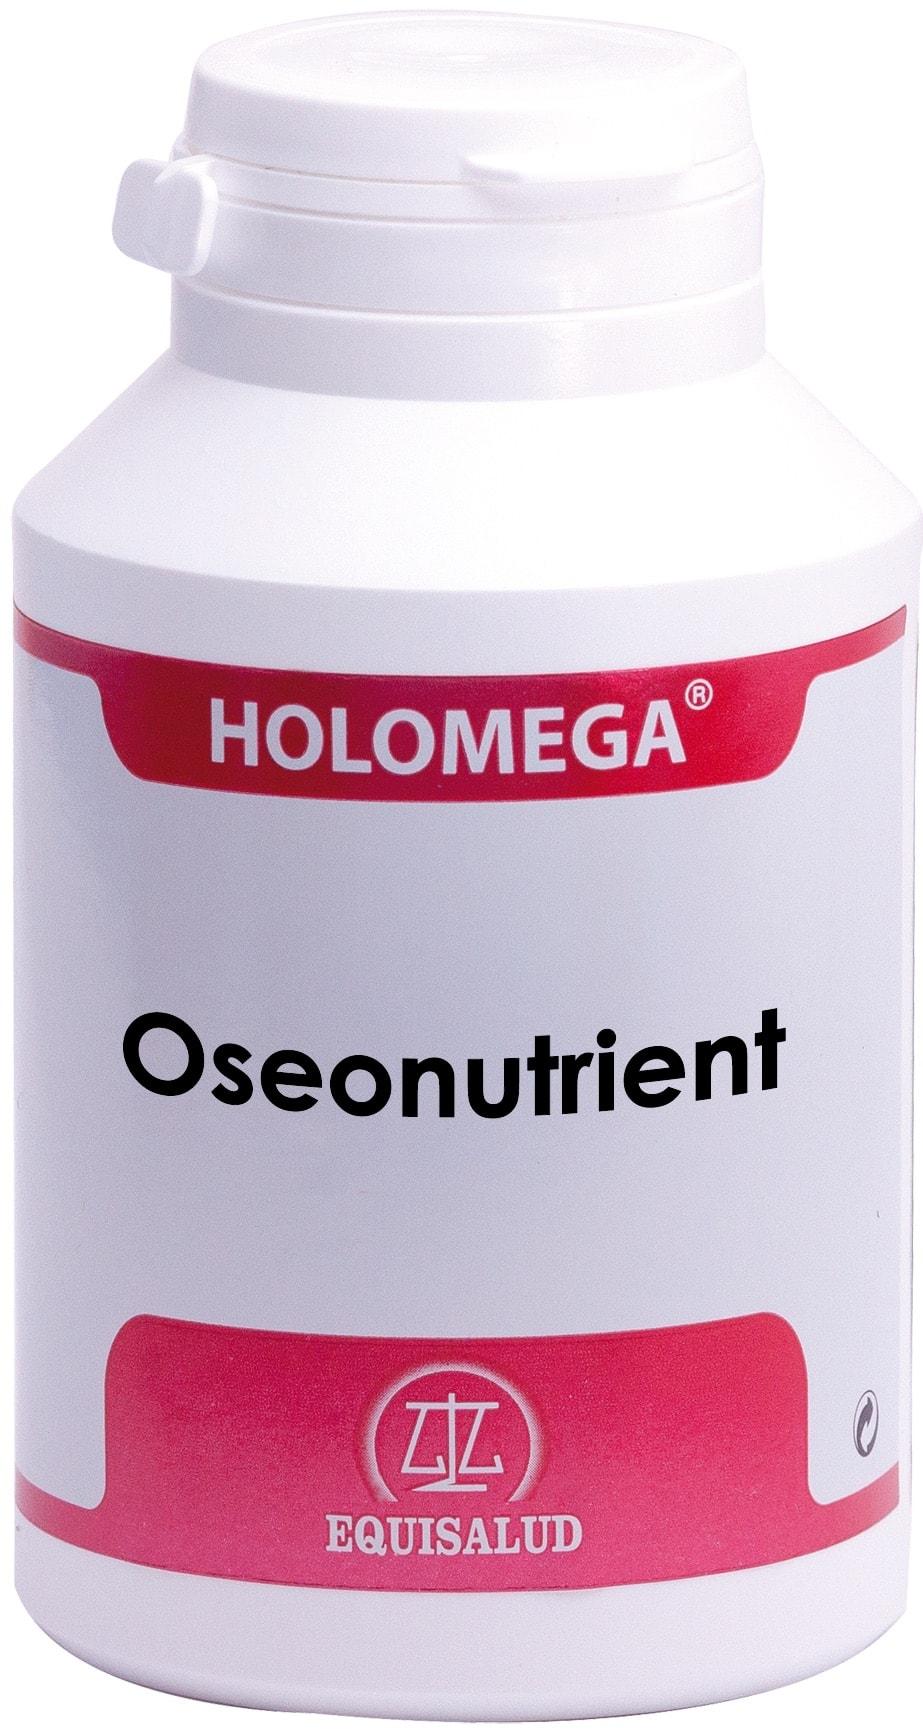 holomega_oseonutrient_180.jpg